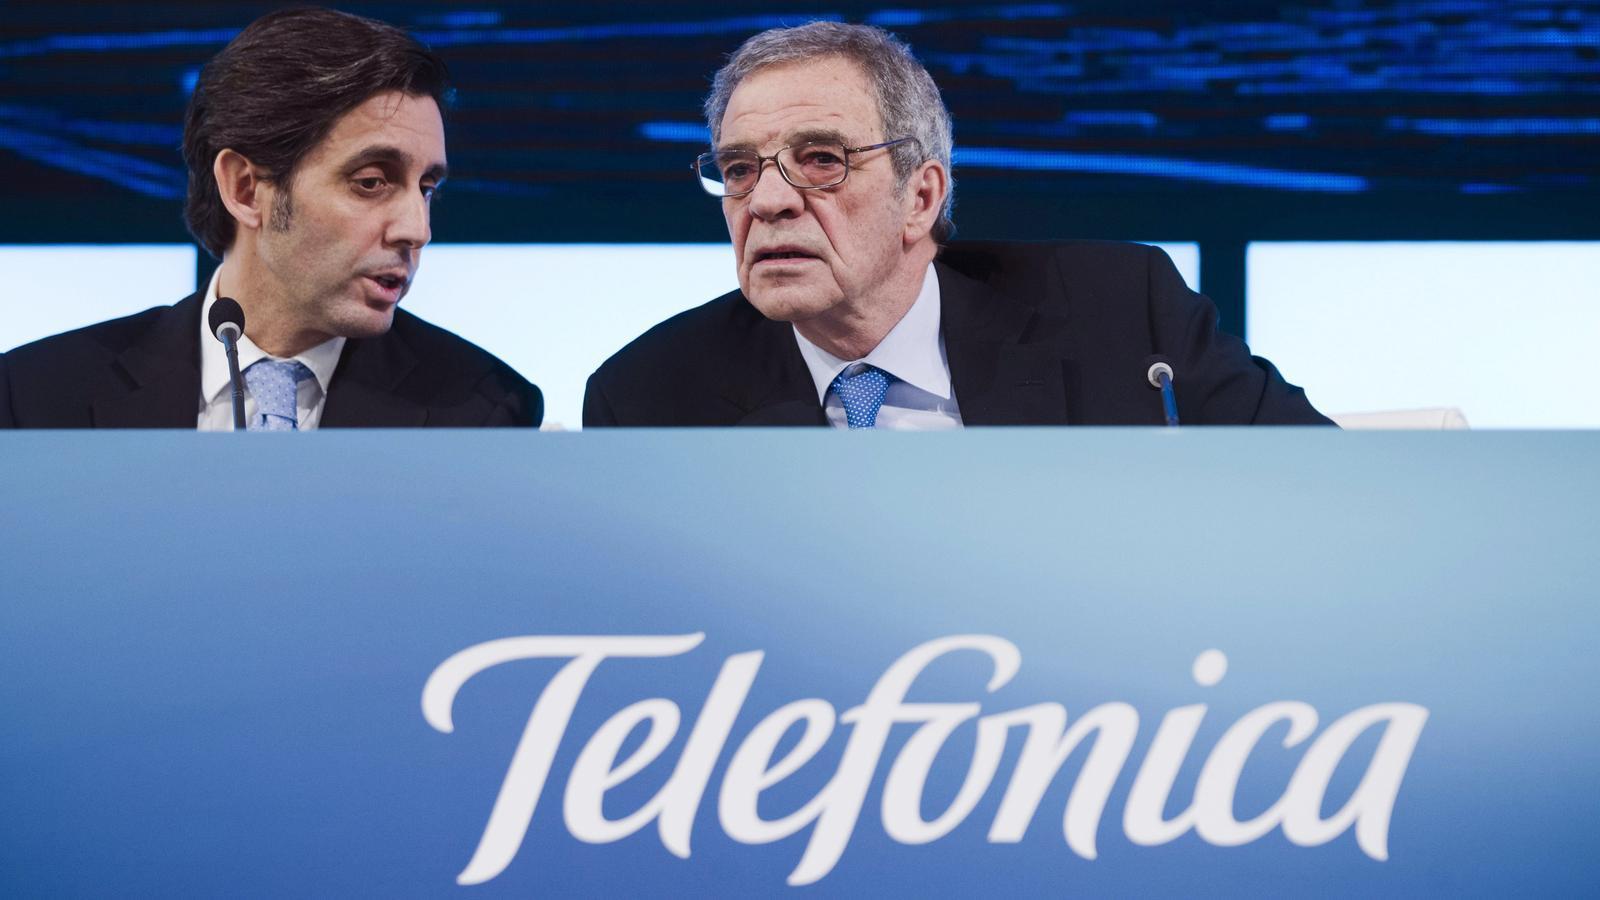 César Alierta juntament amb Álvarez-Pallete, la seva proposta pel relleu a la presidència de Telefónica